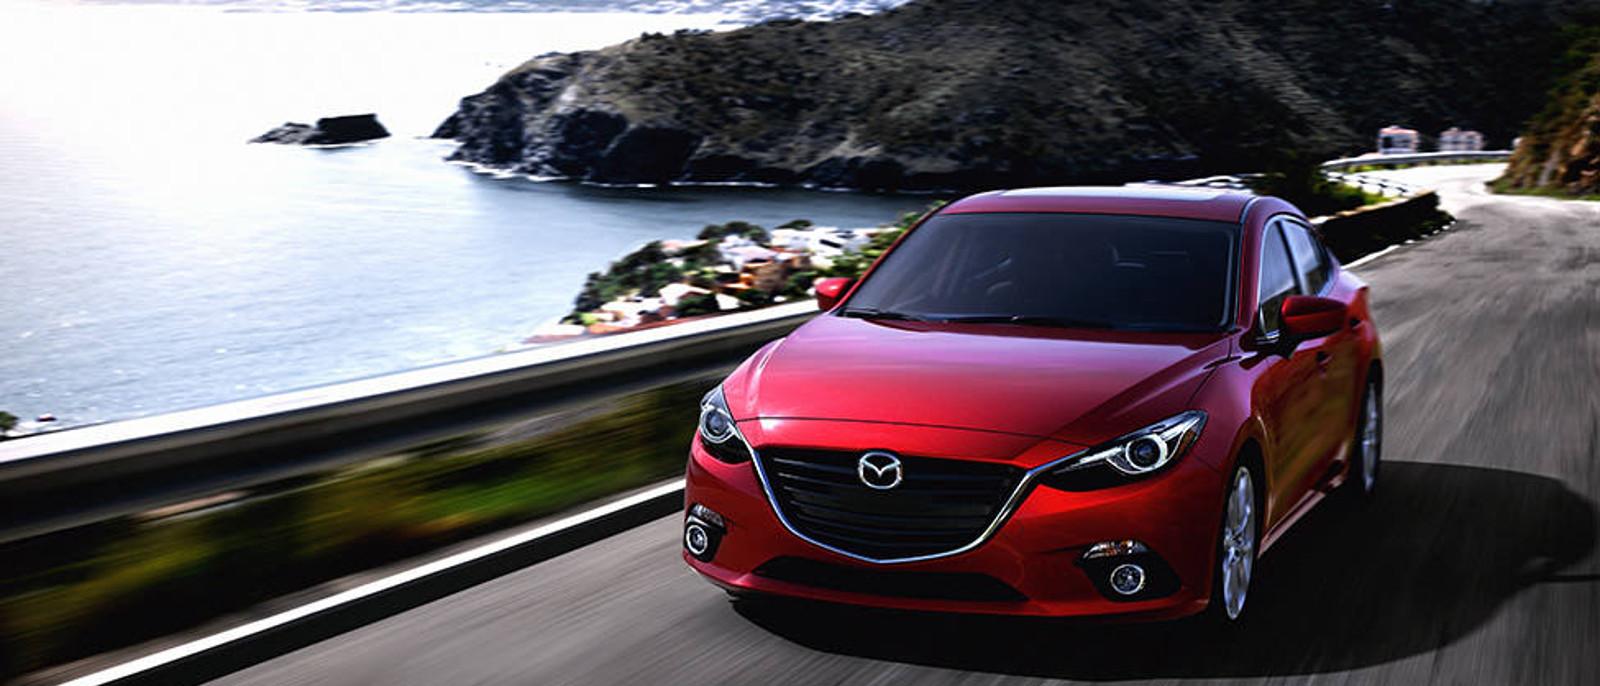 2015 Mazda3 4-door